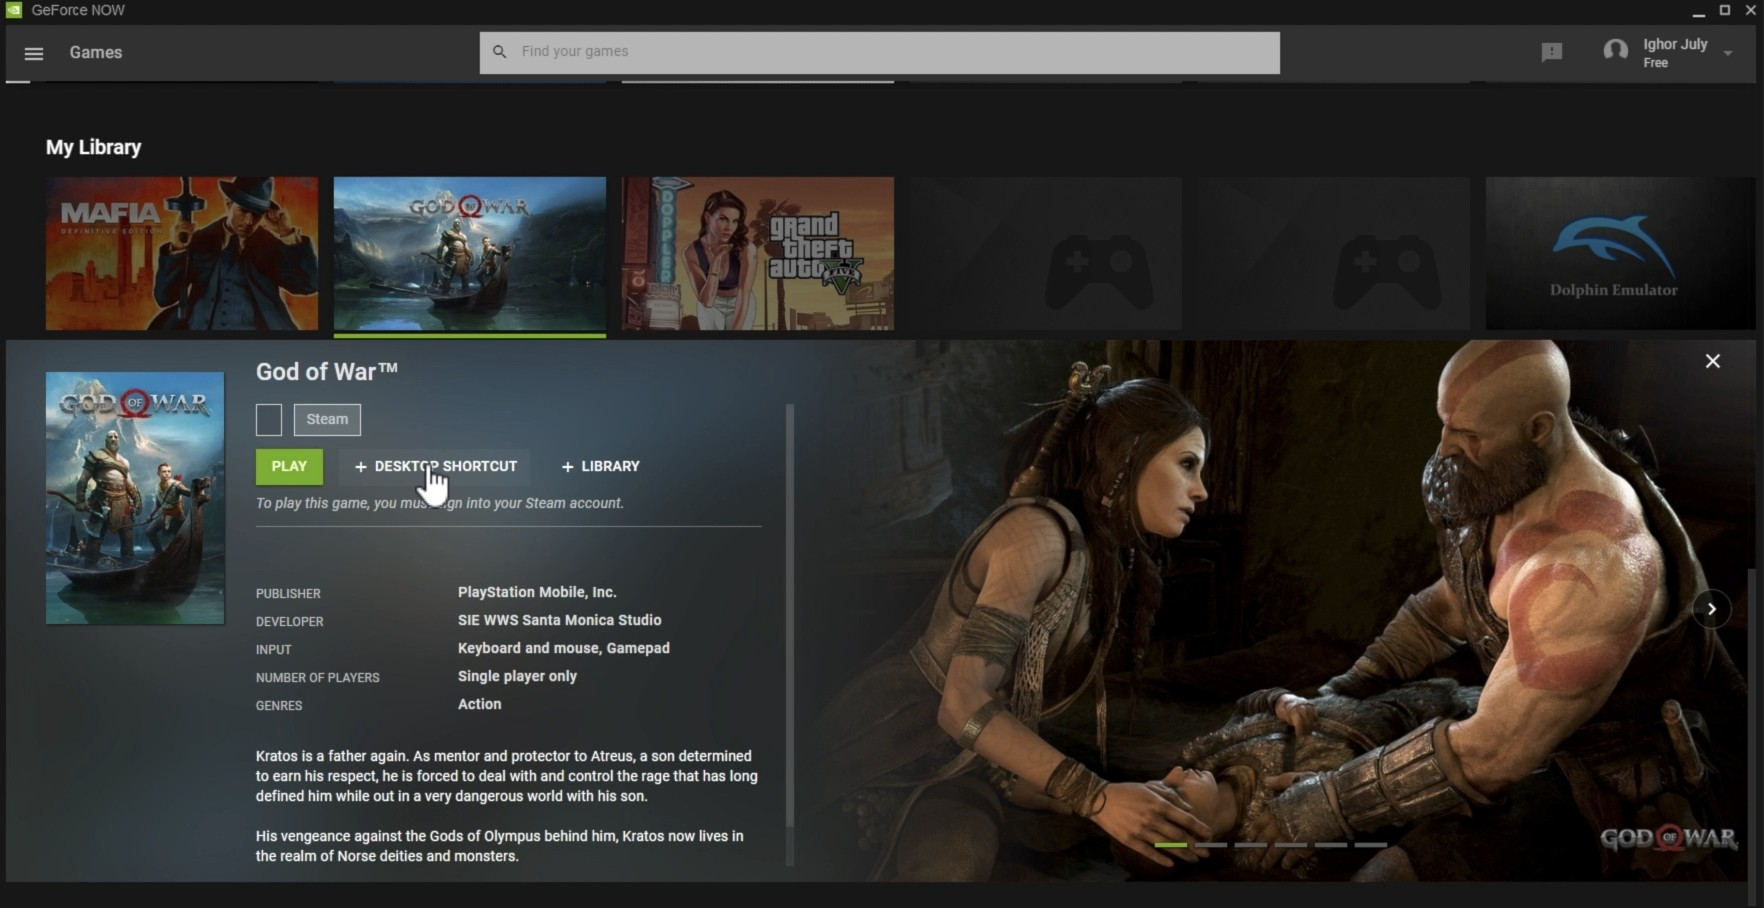 Утечка Nvidia показала необъявленные игры, в том числе God of War для ПК (god of war gfn)